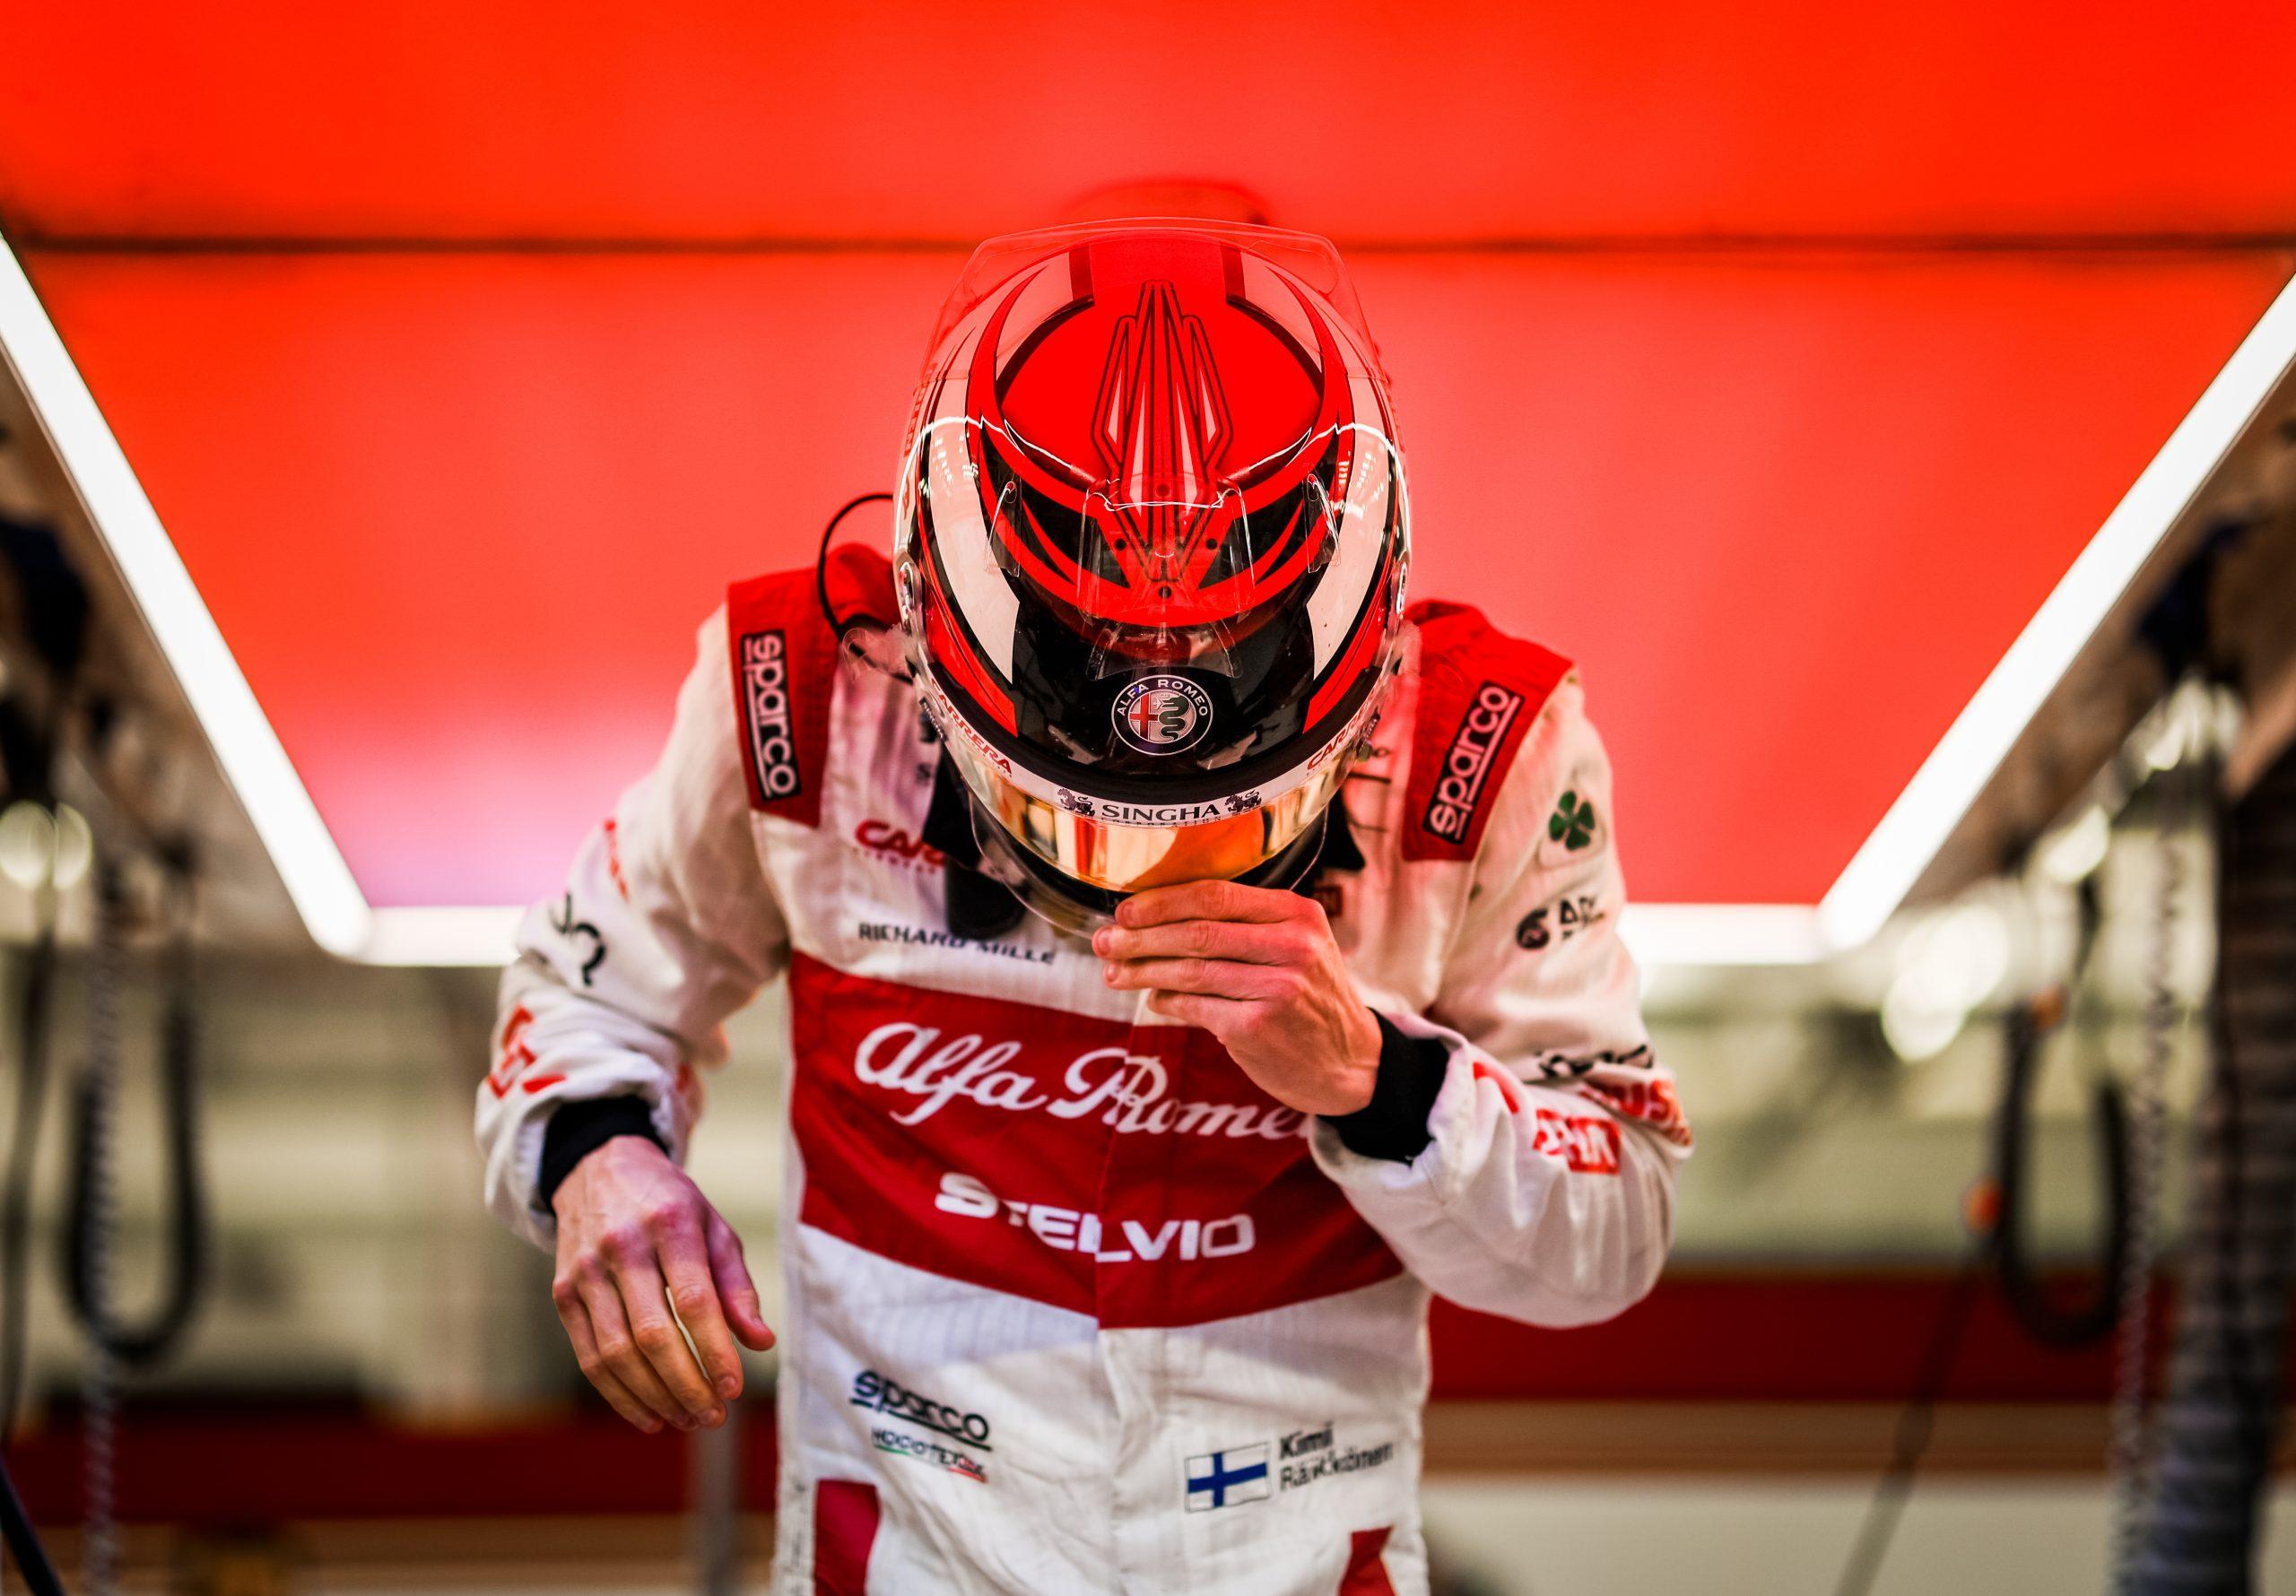 F1 – BAHRAIN GRAND PRIX 2020